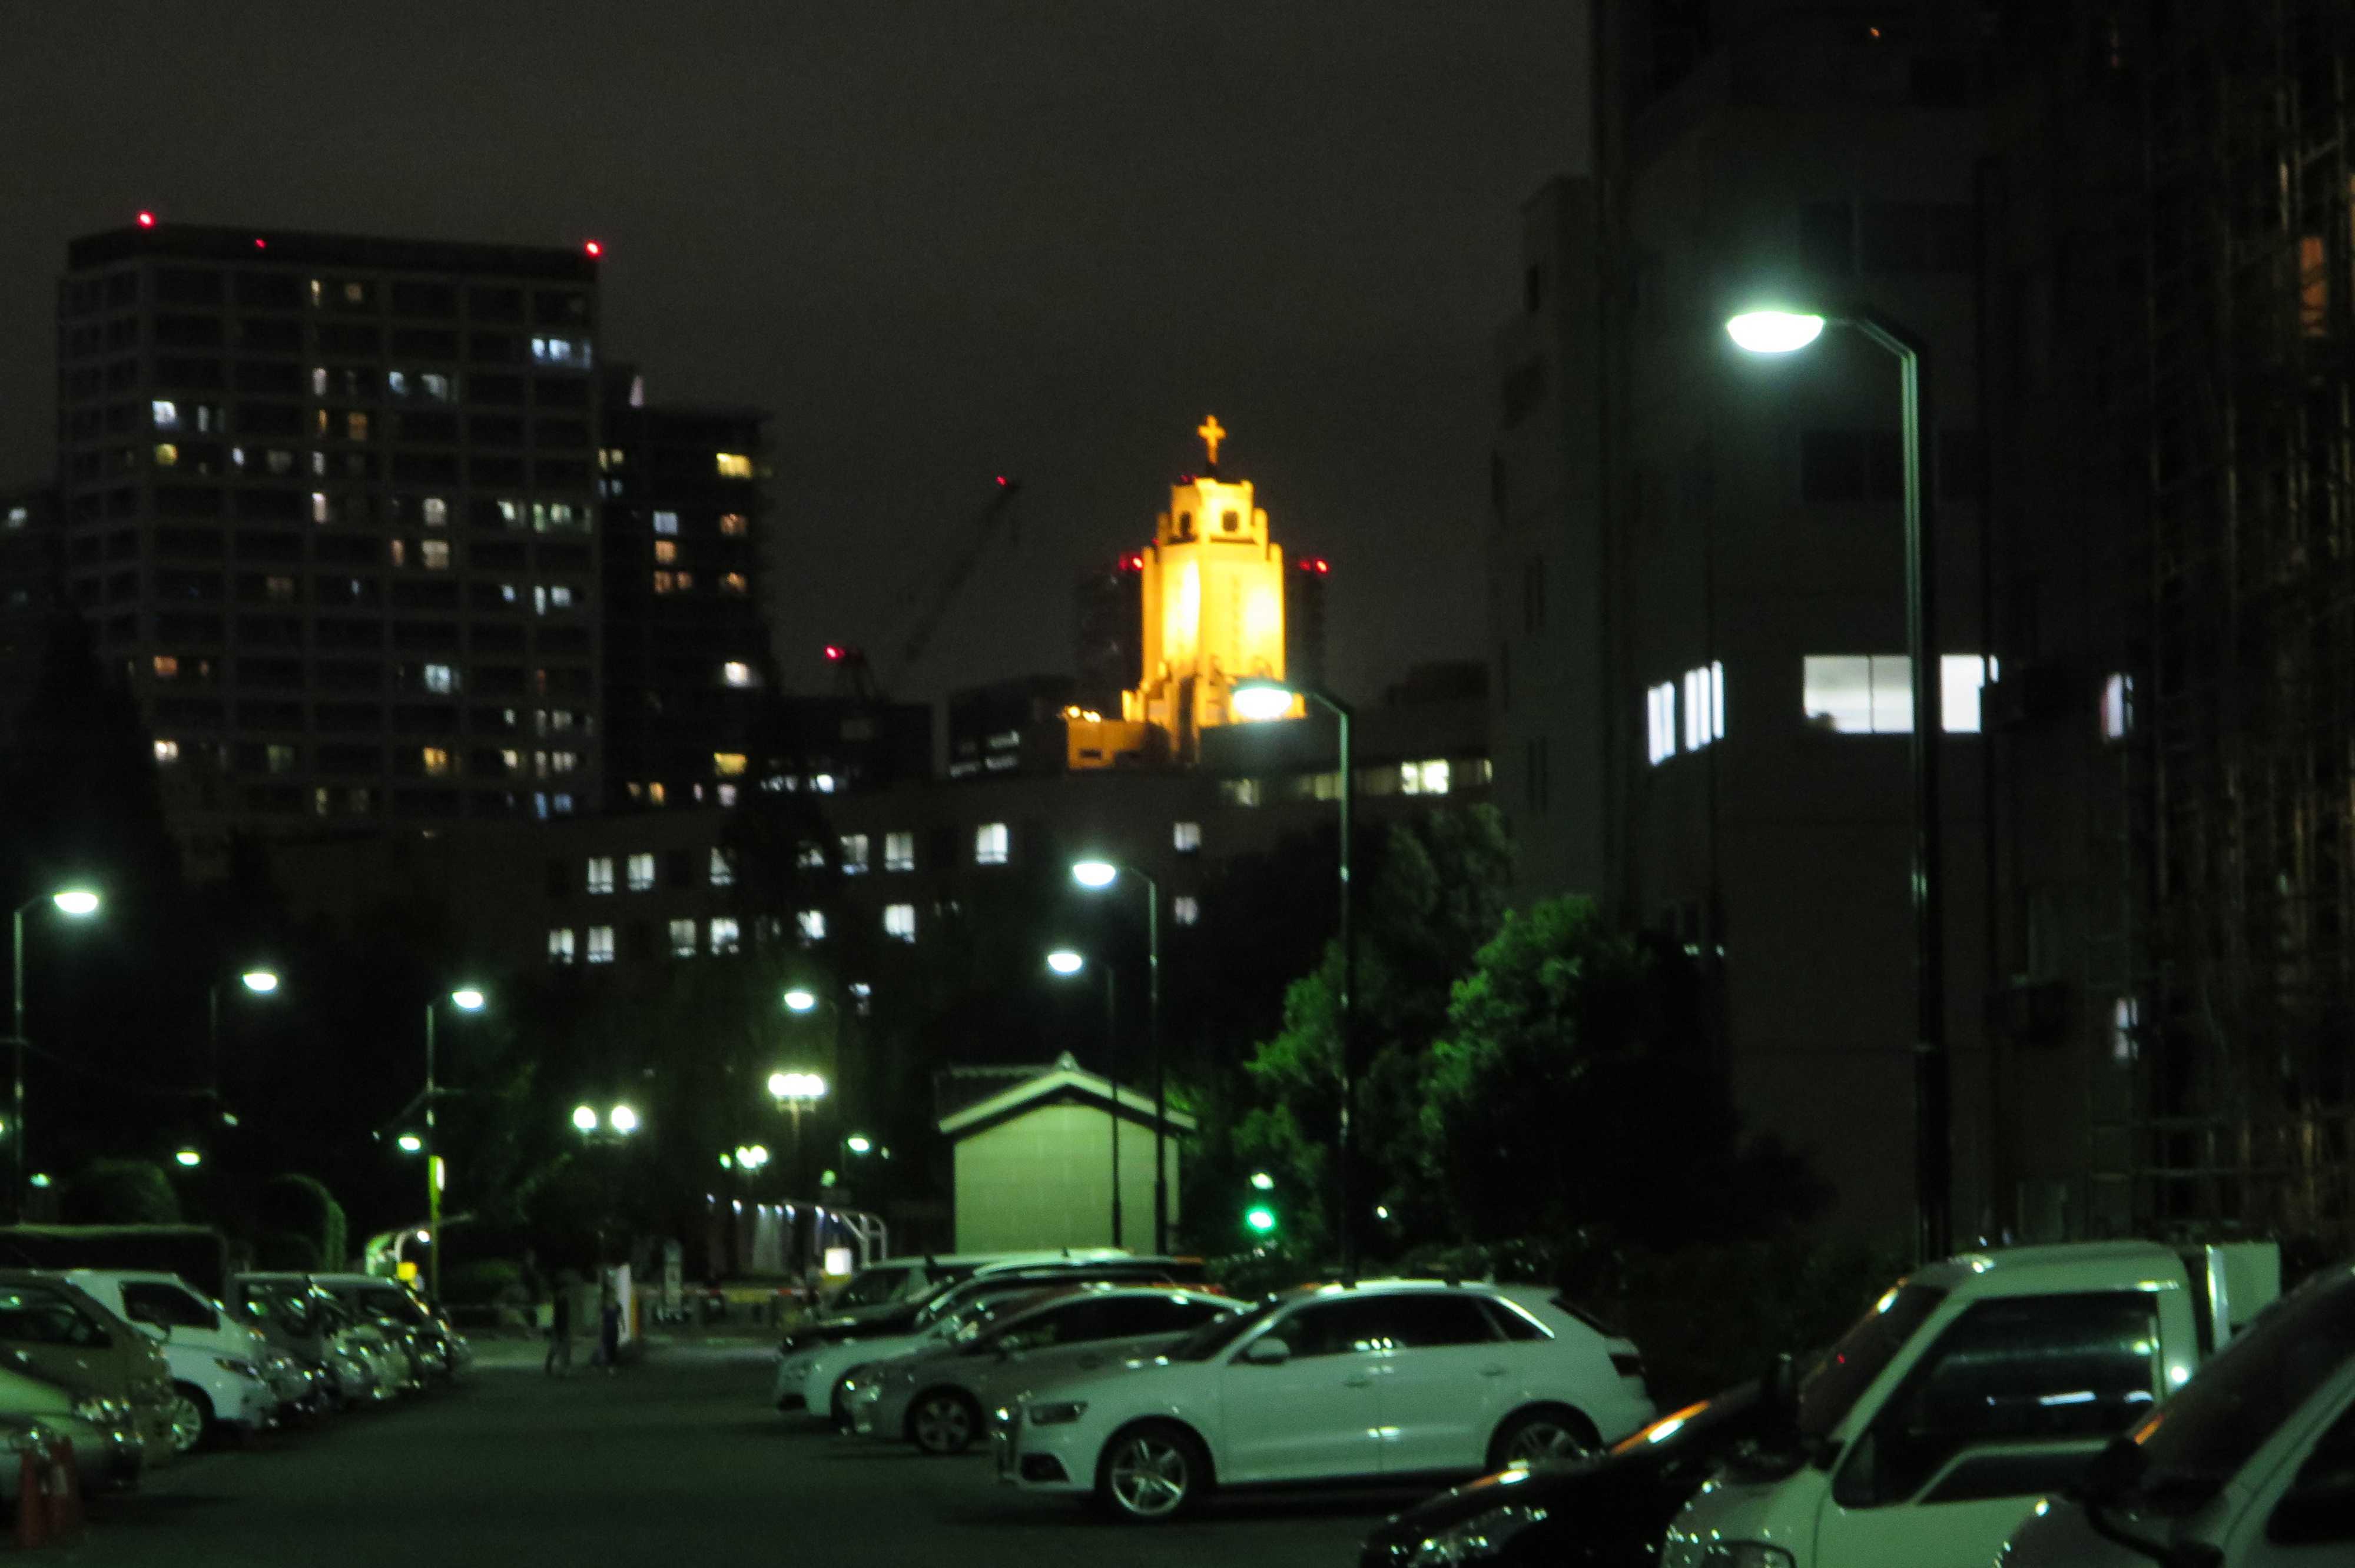 築地エリア - ライトアップされた聖路加国際病院の搭上の十字架